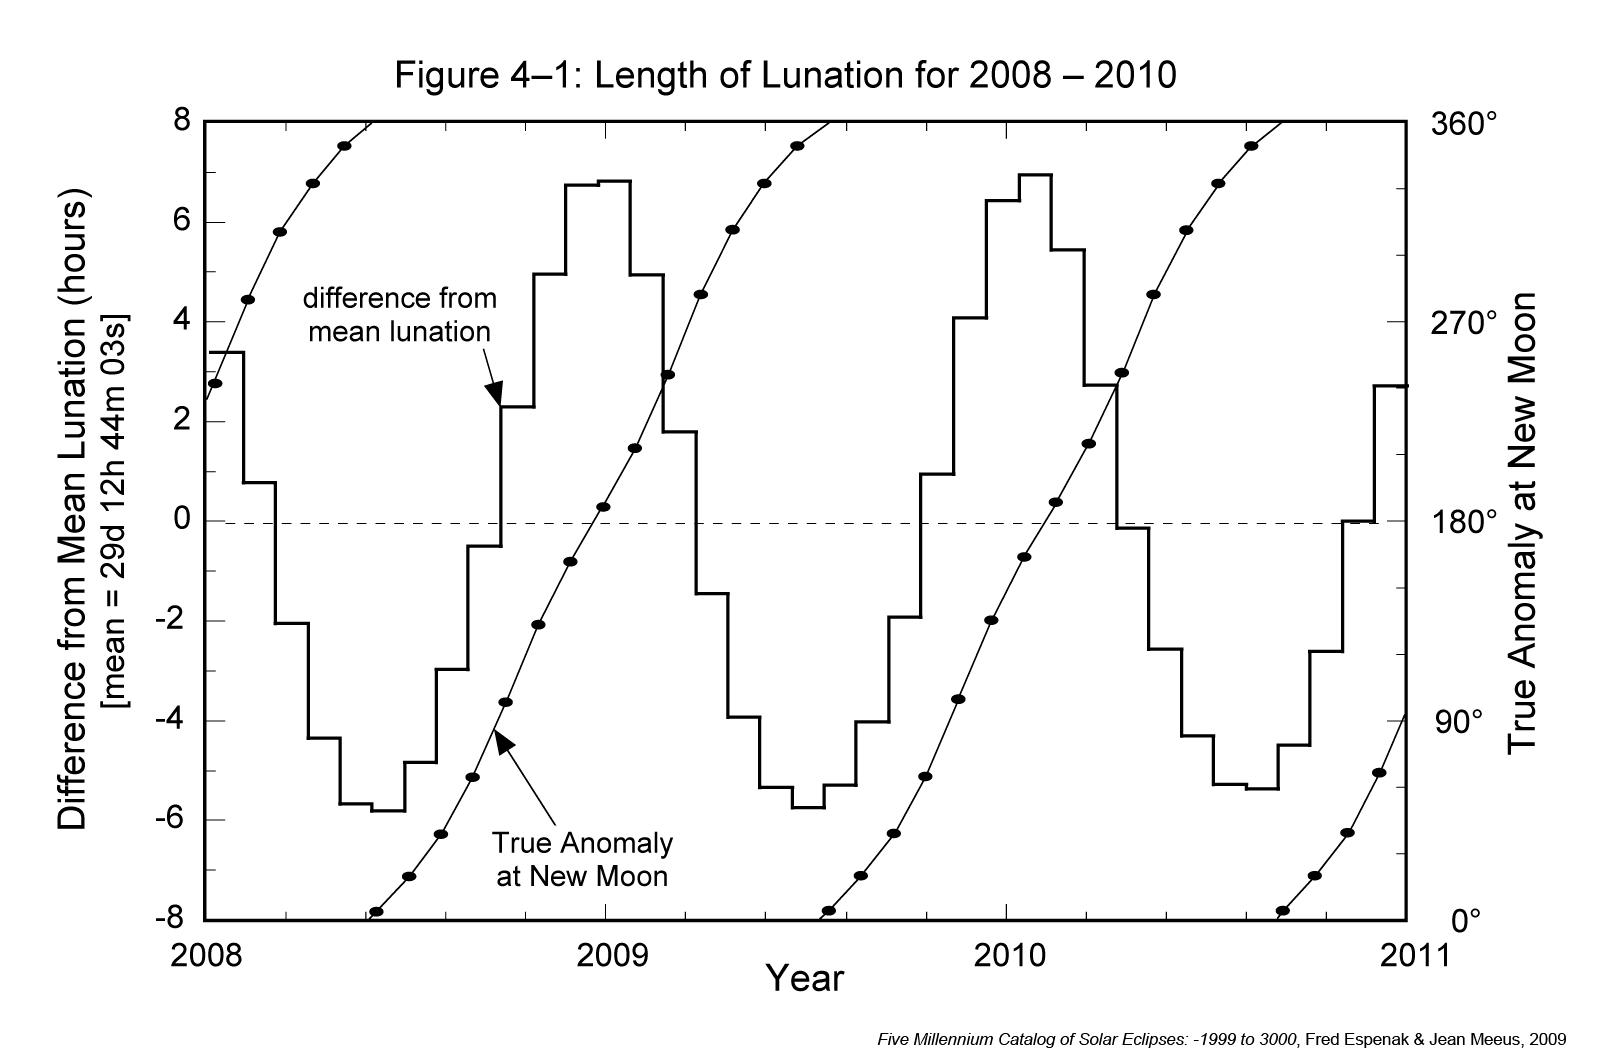 Length of Lunation Variation